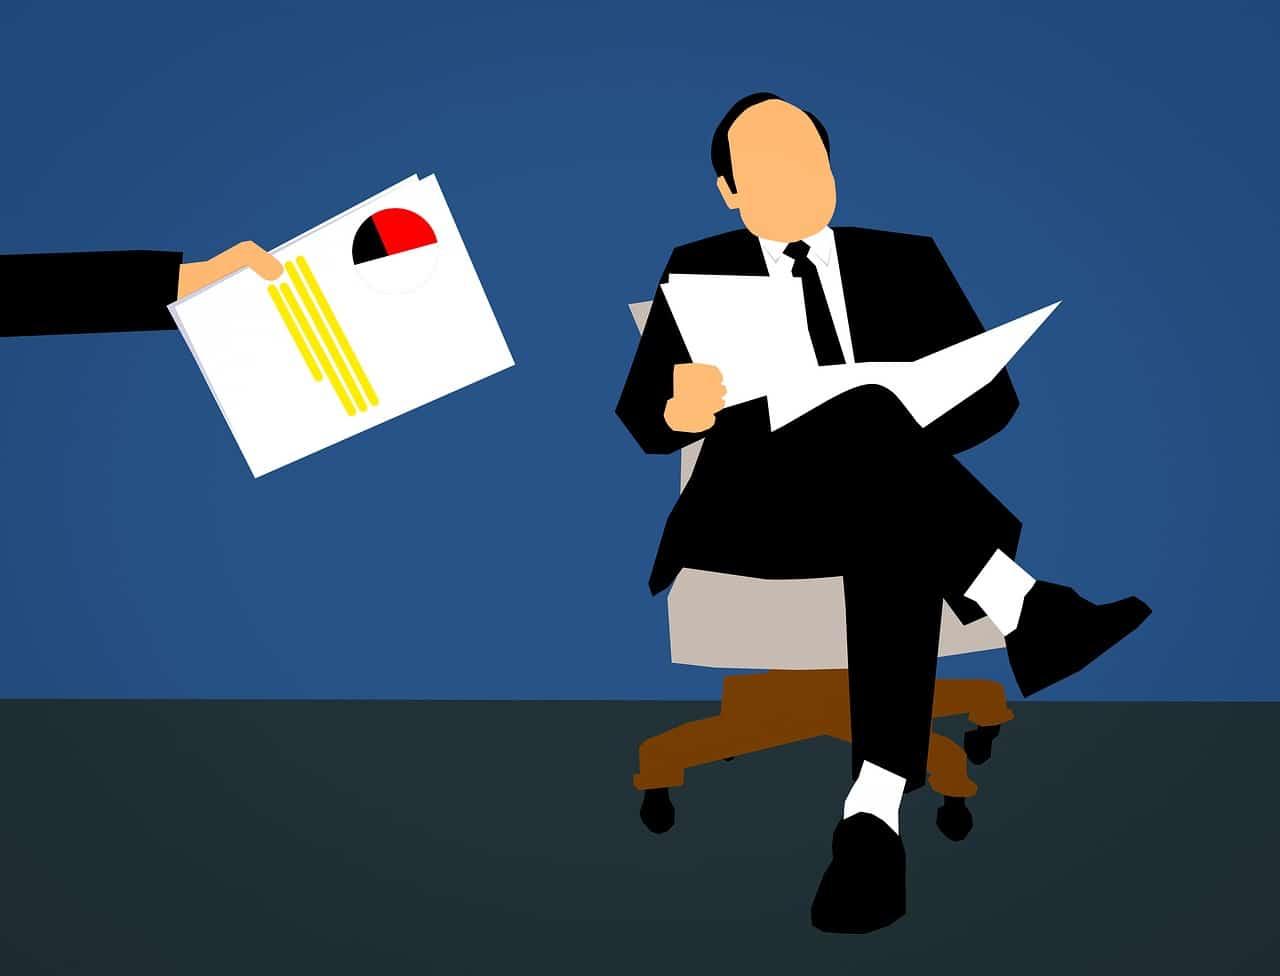 אילו סיבות יש לשכירת שירותיו של עורך דין תביעות ביטוח